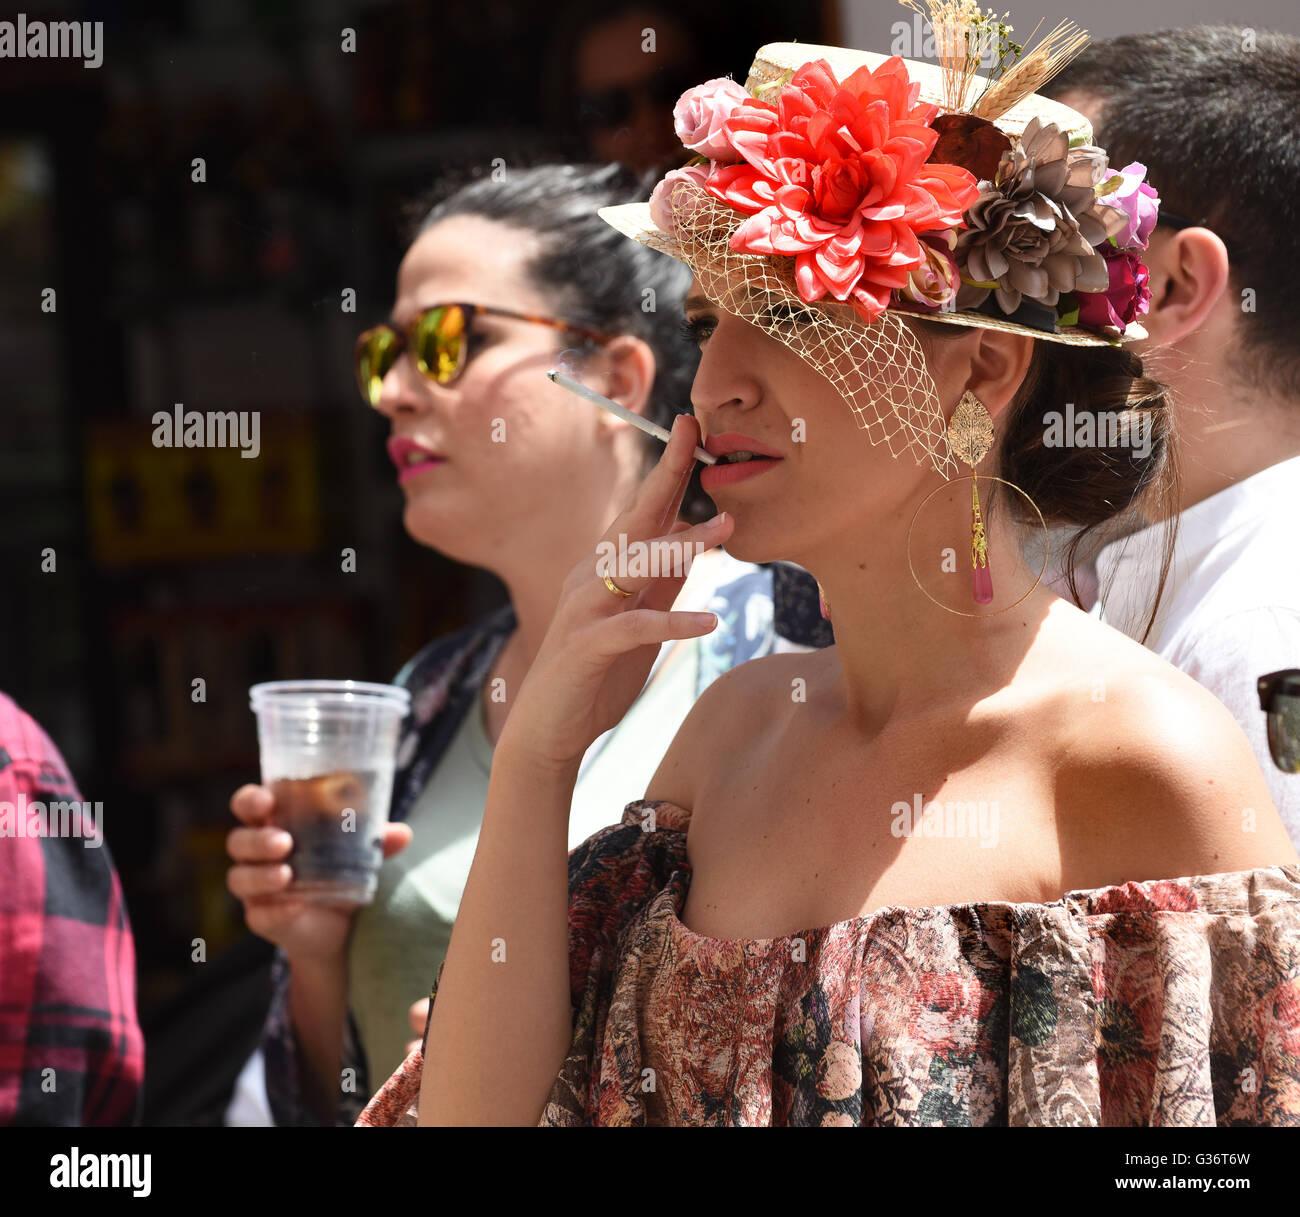 Femme élégante Vogue fumer cigarette fine à San Isidro festival fiesta à Nerja Andalousie Espagne Photo Stock